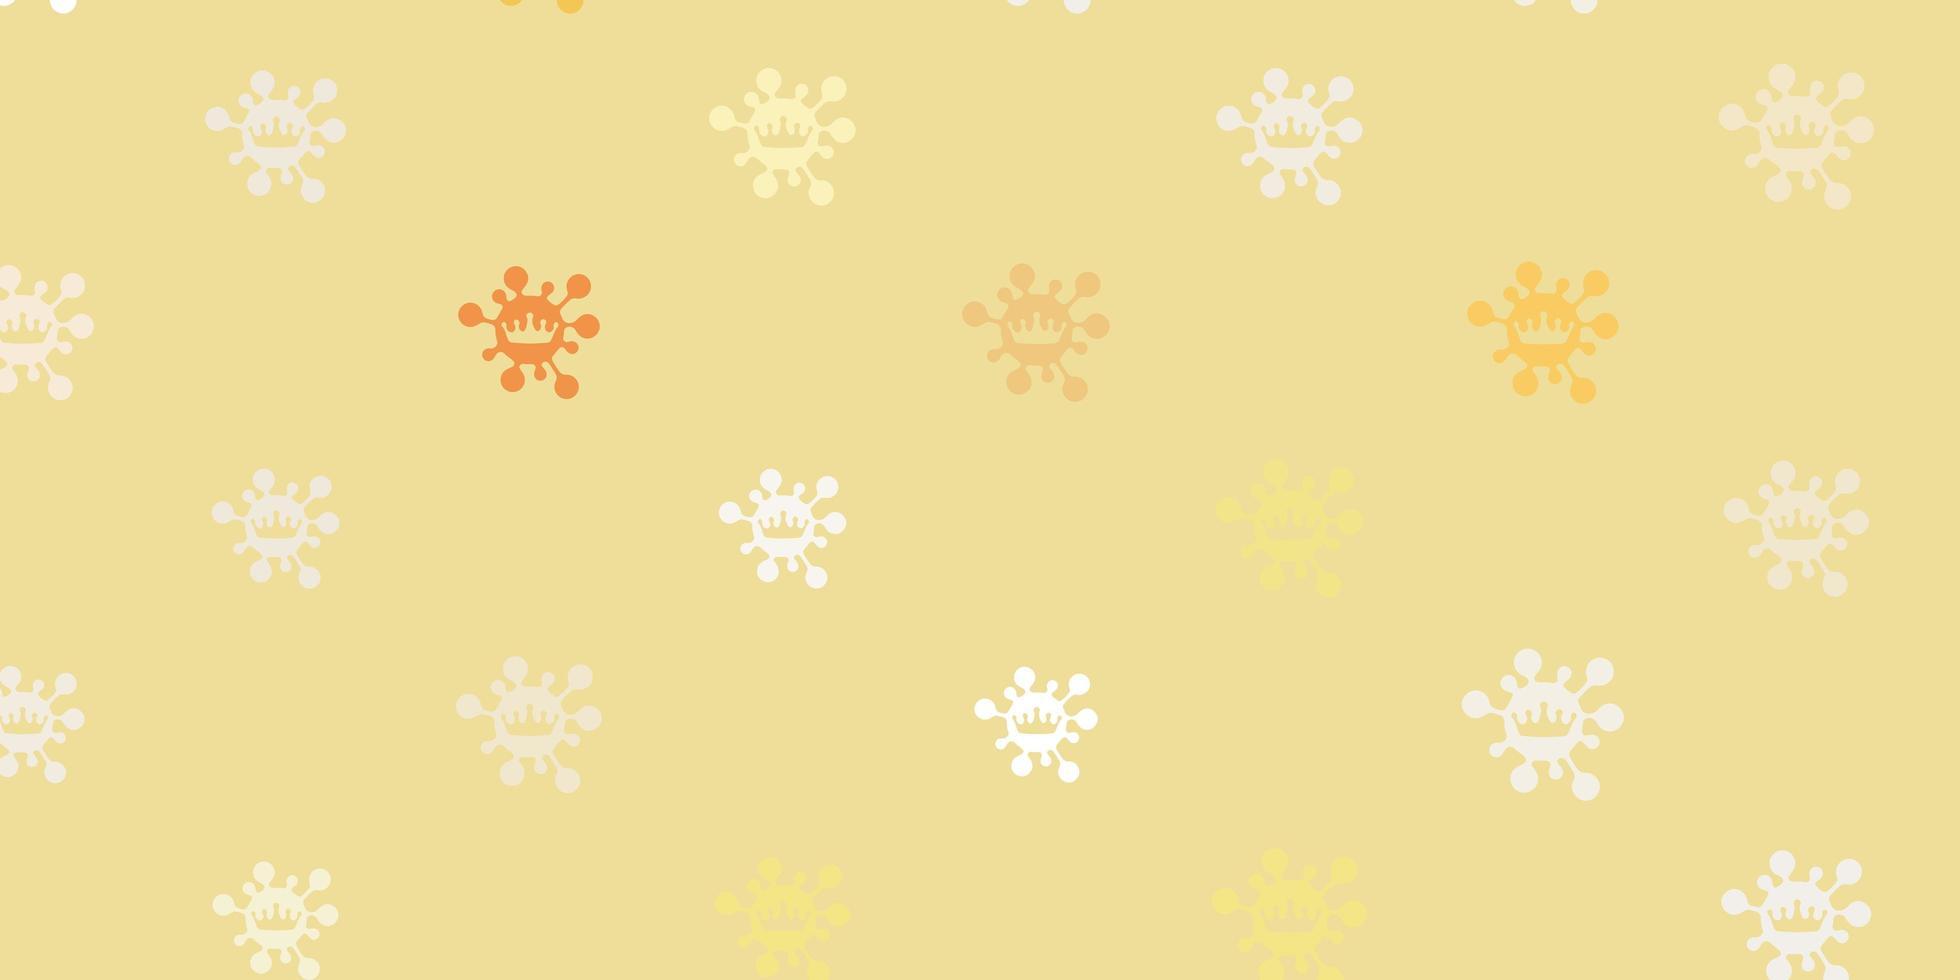 modelo de vetor laranja claro com sinais de gripe.